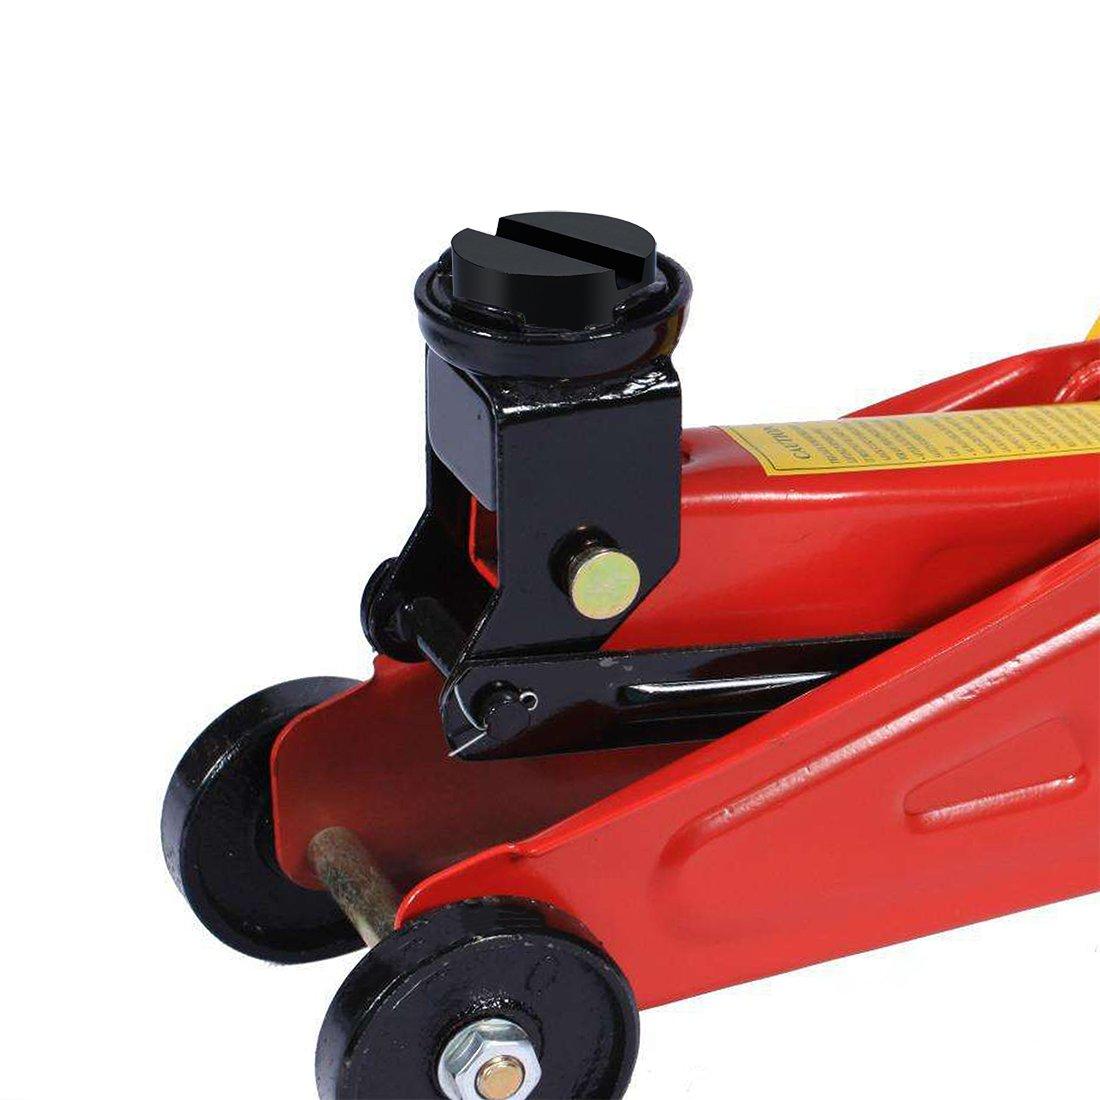 Goma Gato Hidraulico,HTBAKOI Revestimiento de Goma para Gato 65 x 34 mm Caucho de Elevador para Coche o Veh/ículo Bloque de Goma[Incluye 2 Unidades]